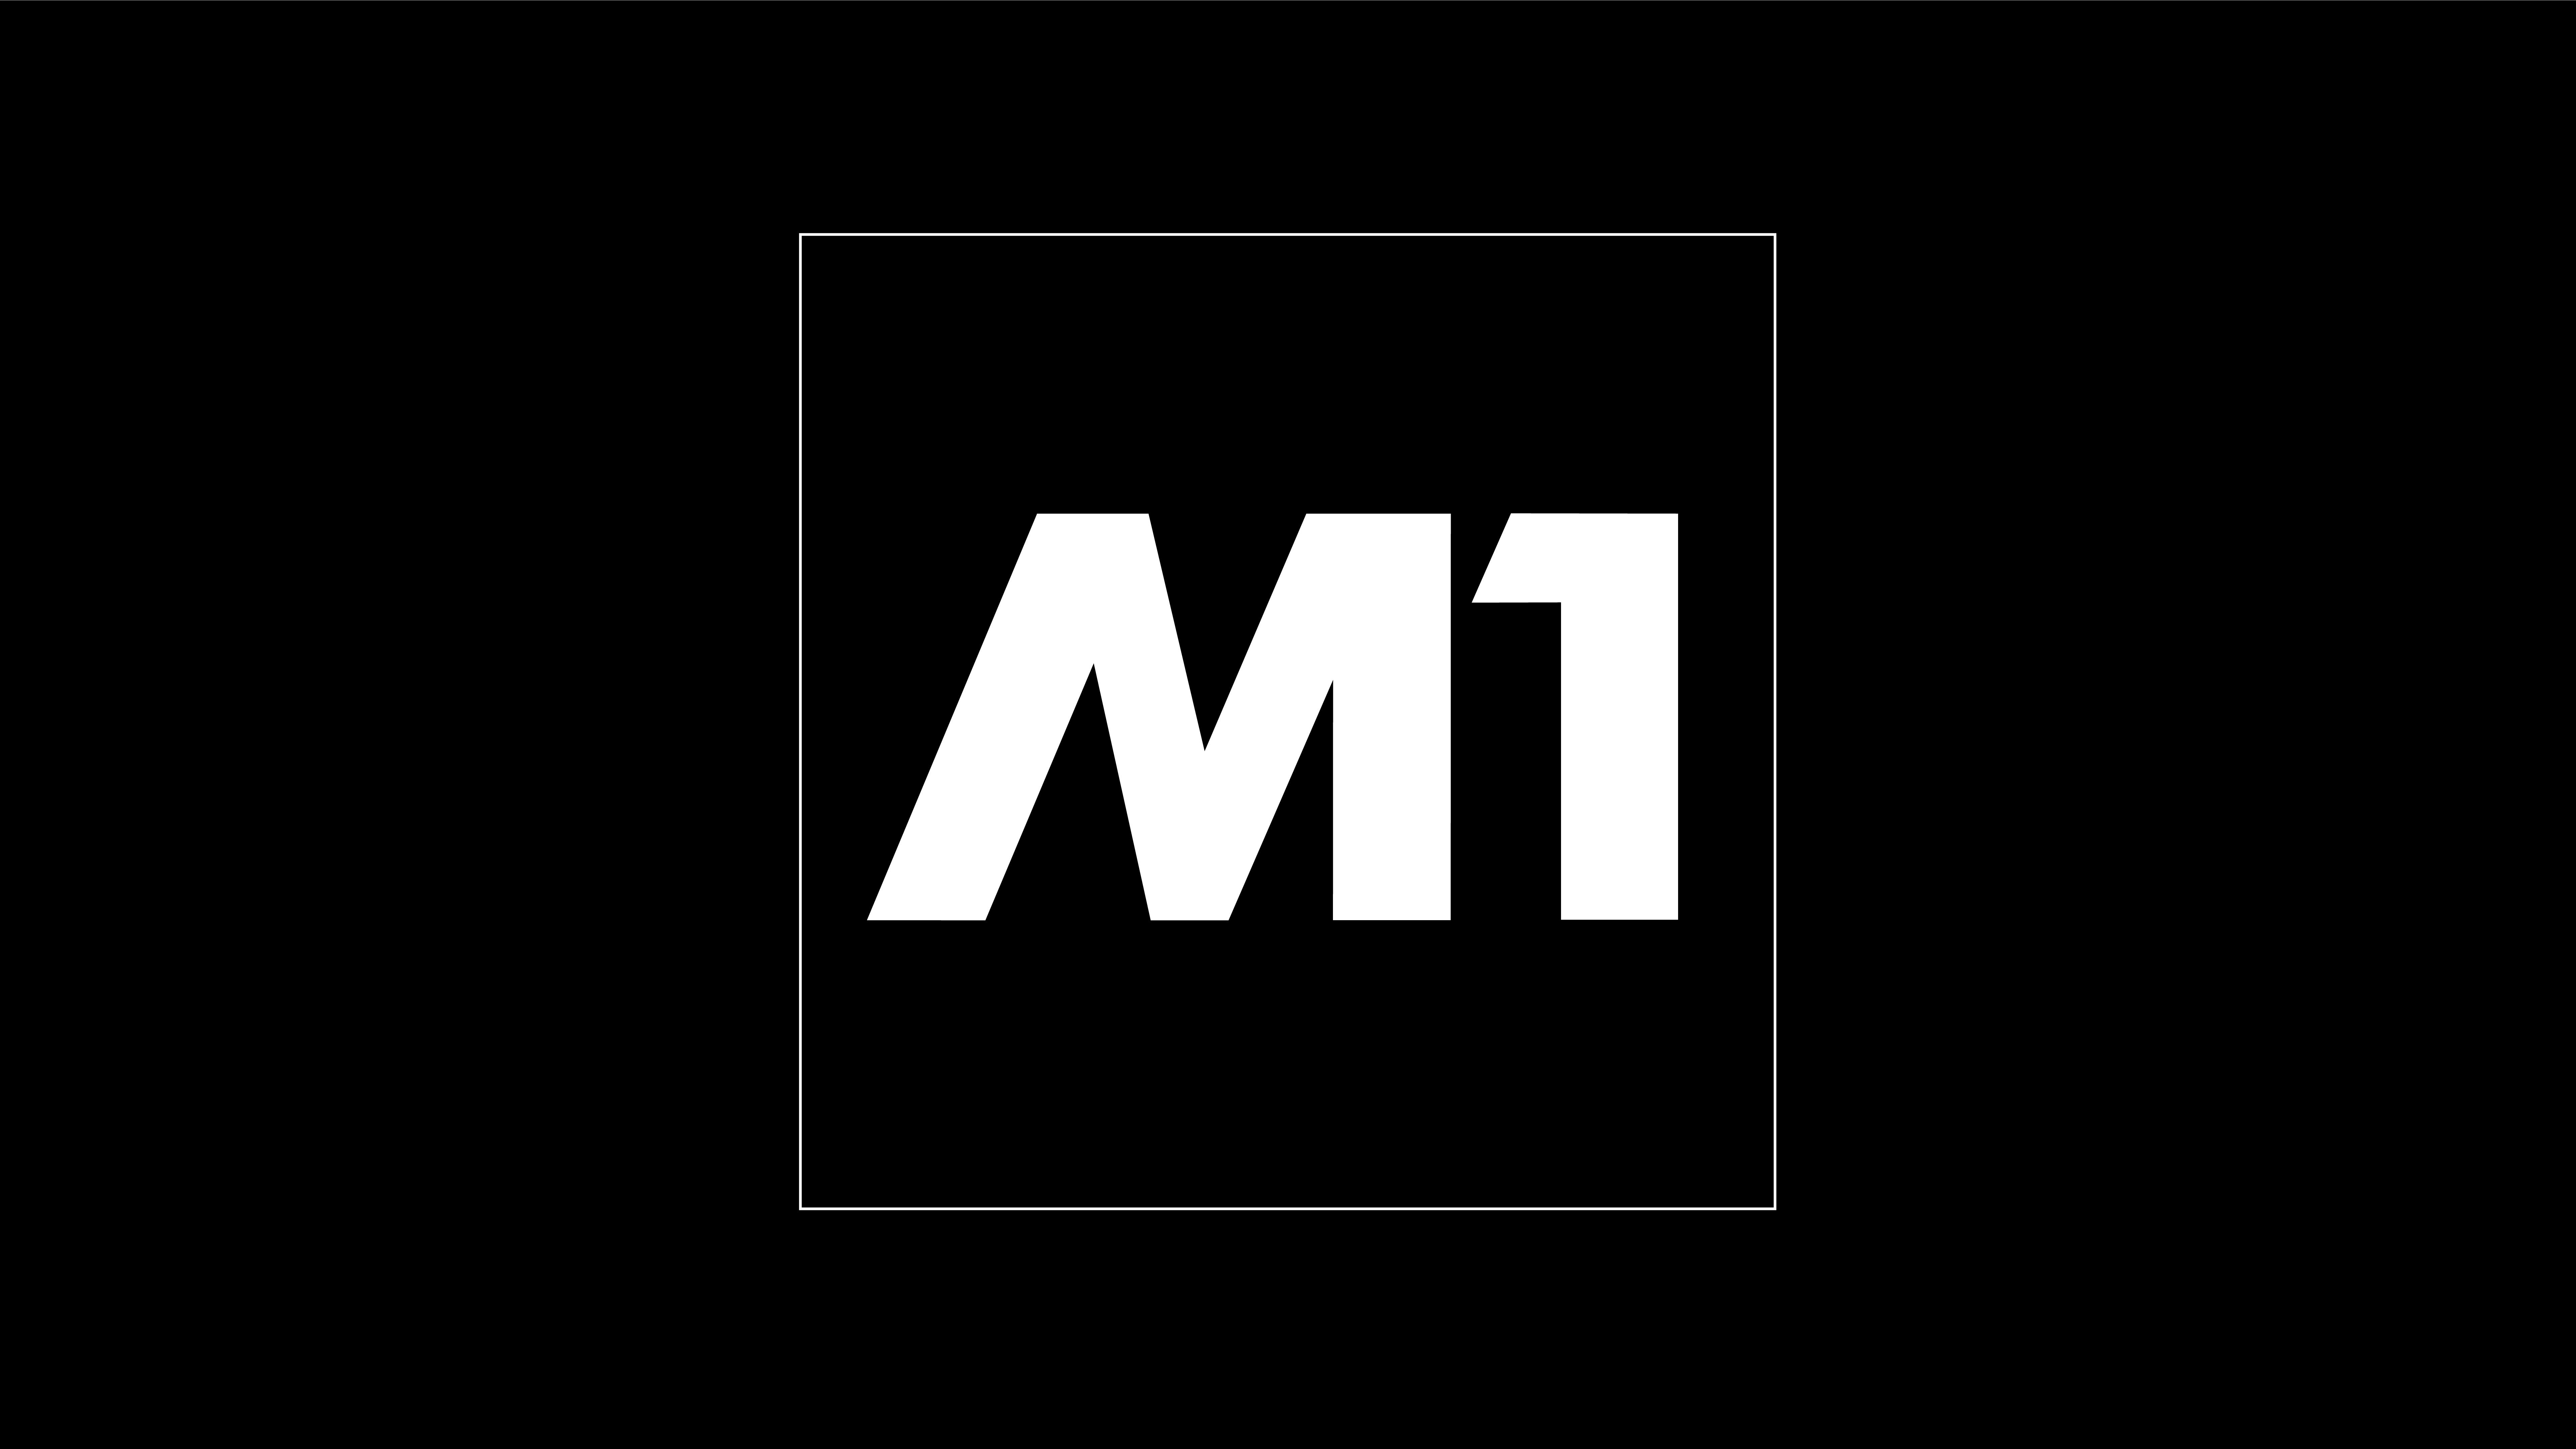 Tele M1 Brand Design, On Air Design, Station Idents, Channel Idents. Michael Frei, Zurich, Switzerland.